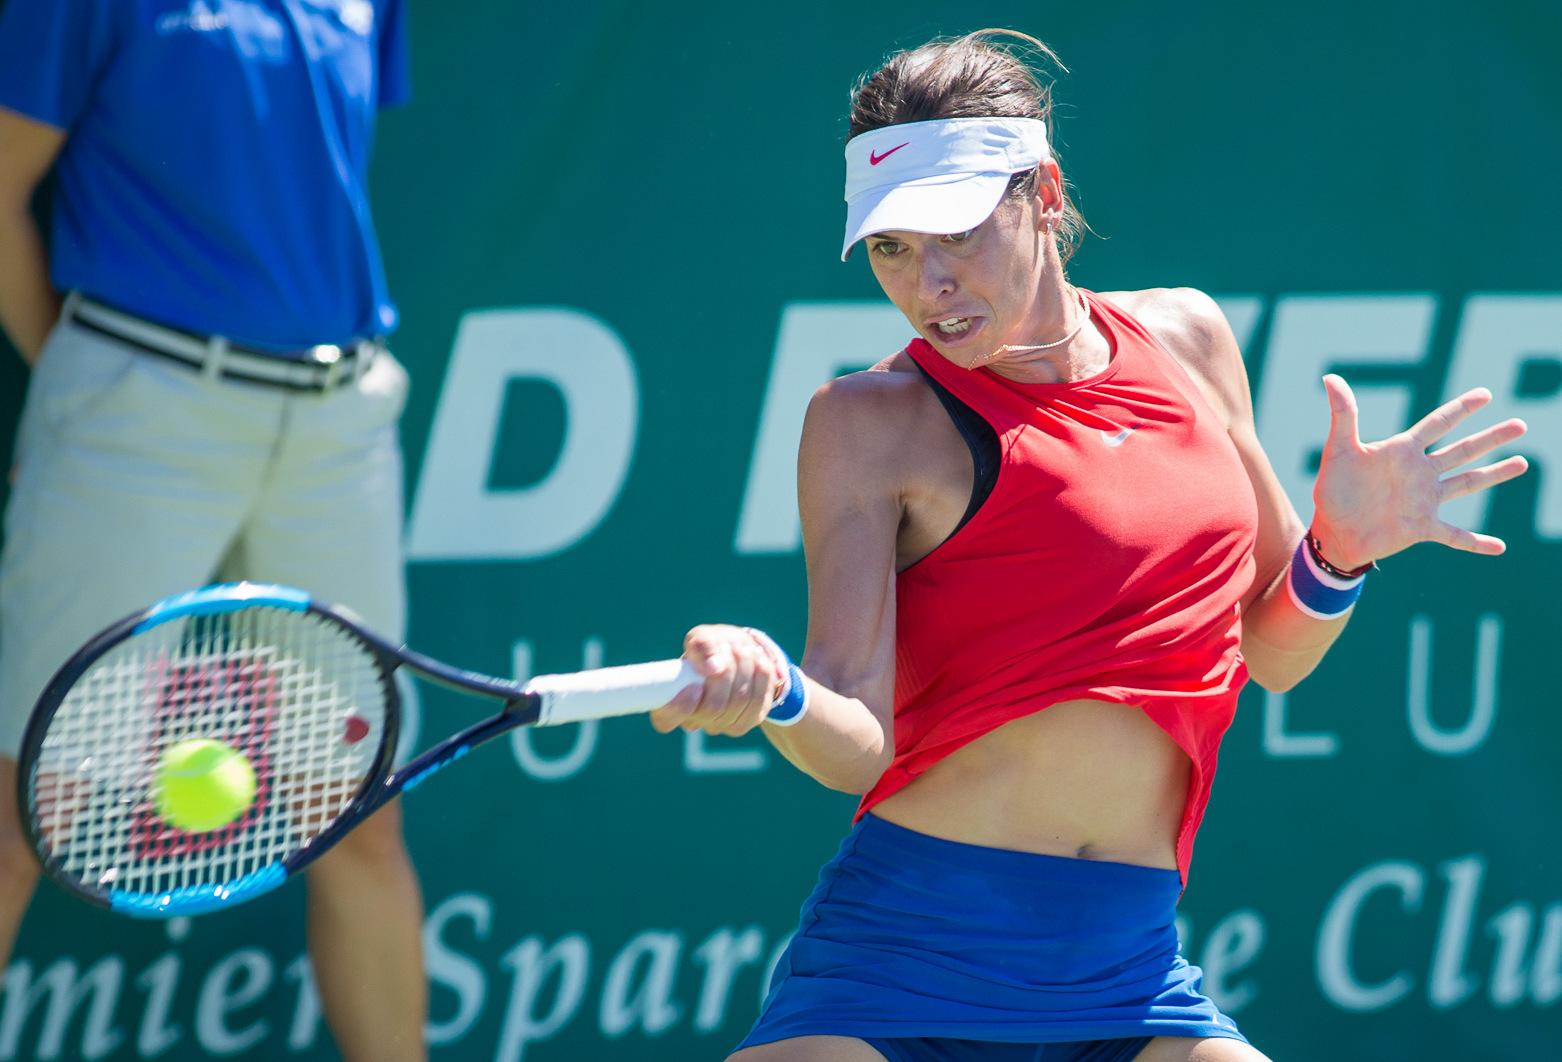 NorCal Tennis Czar